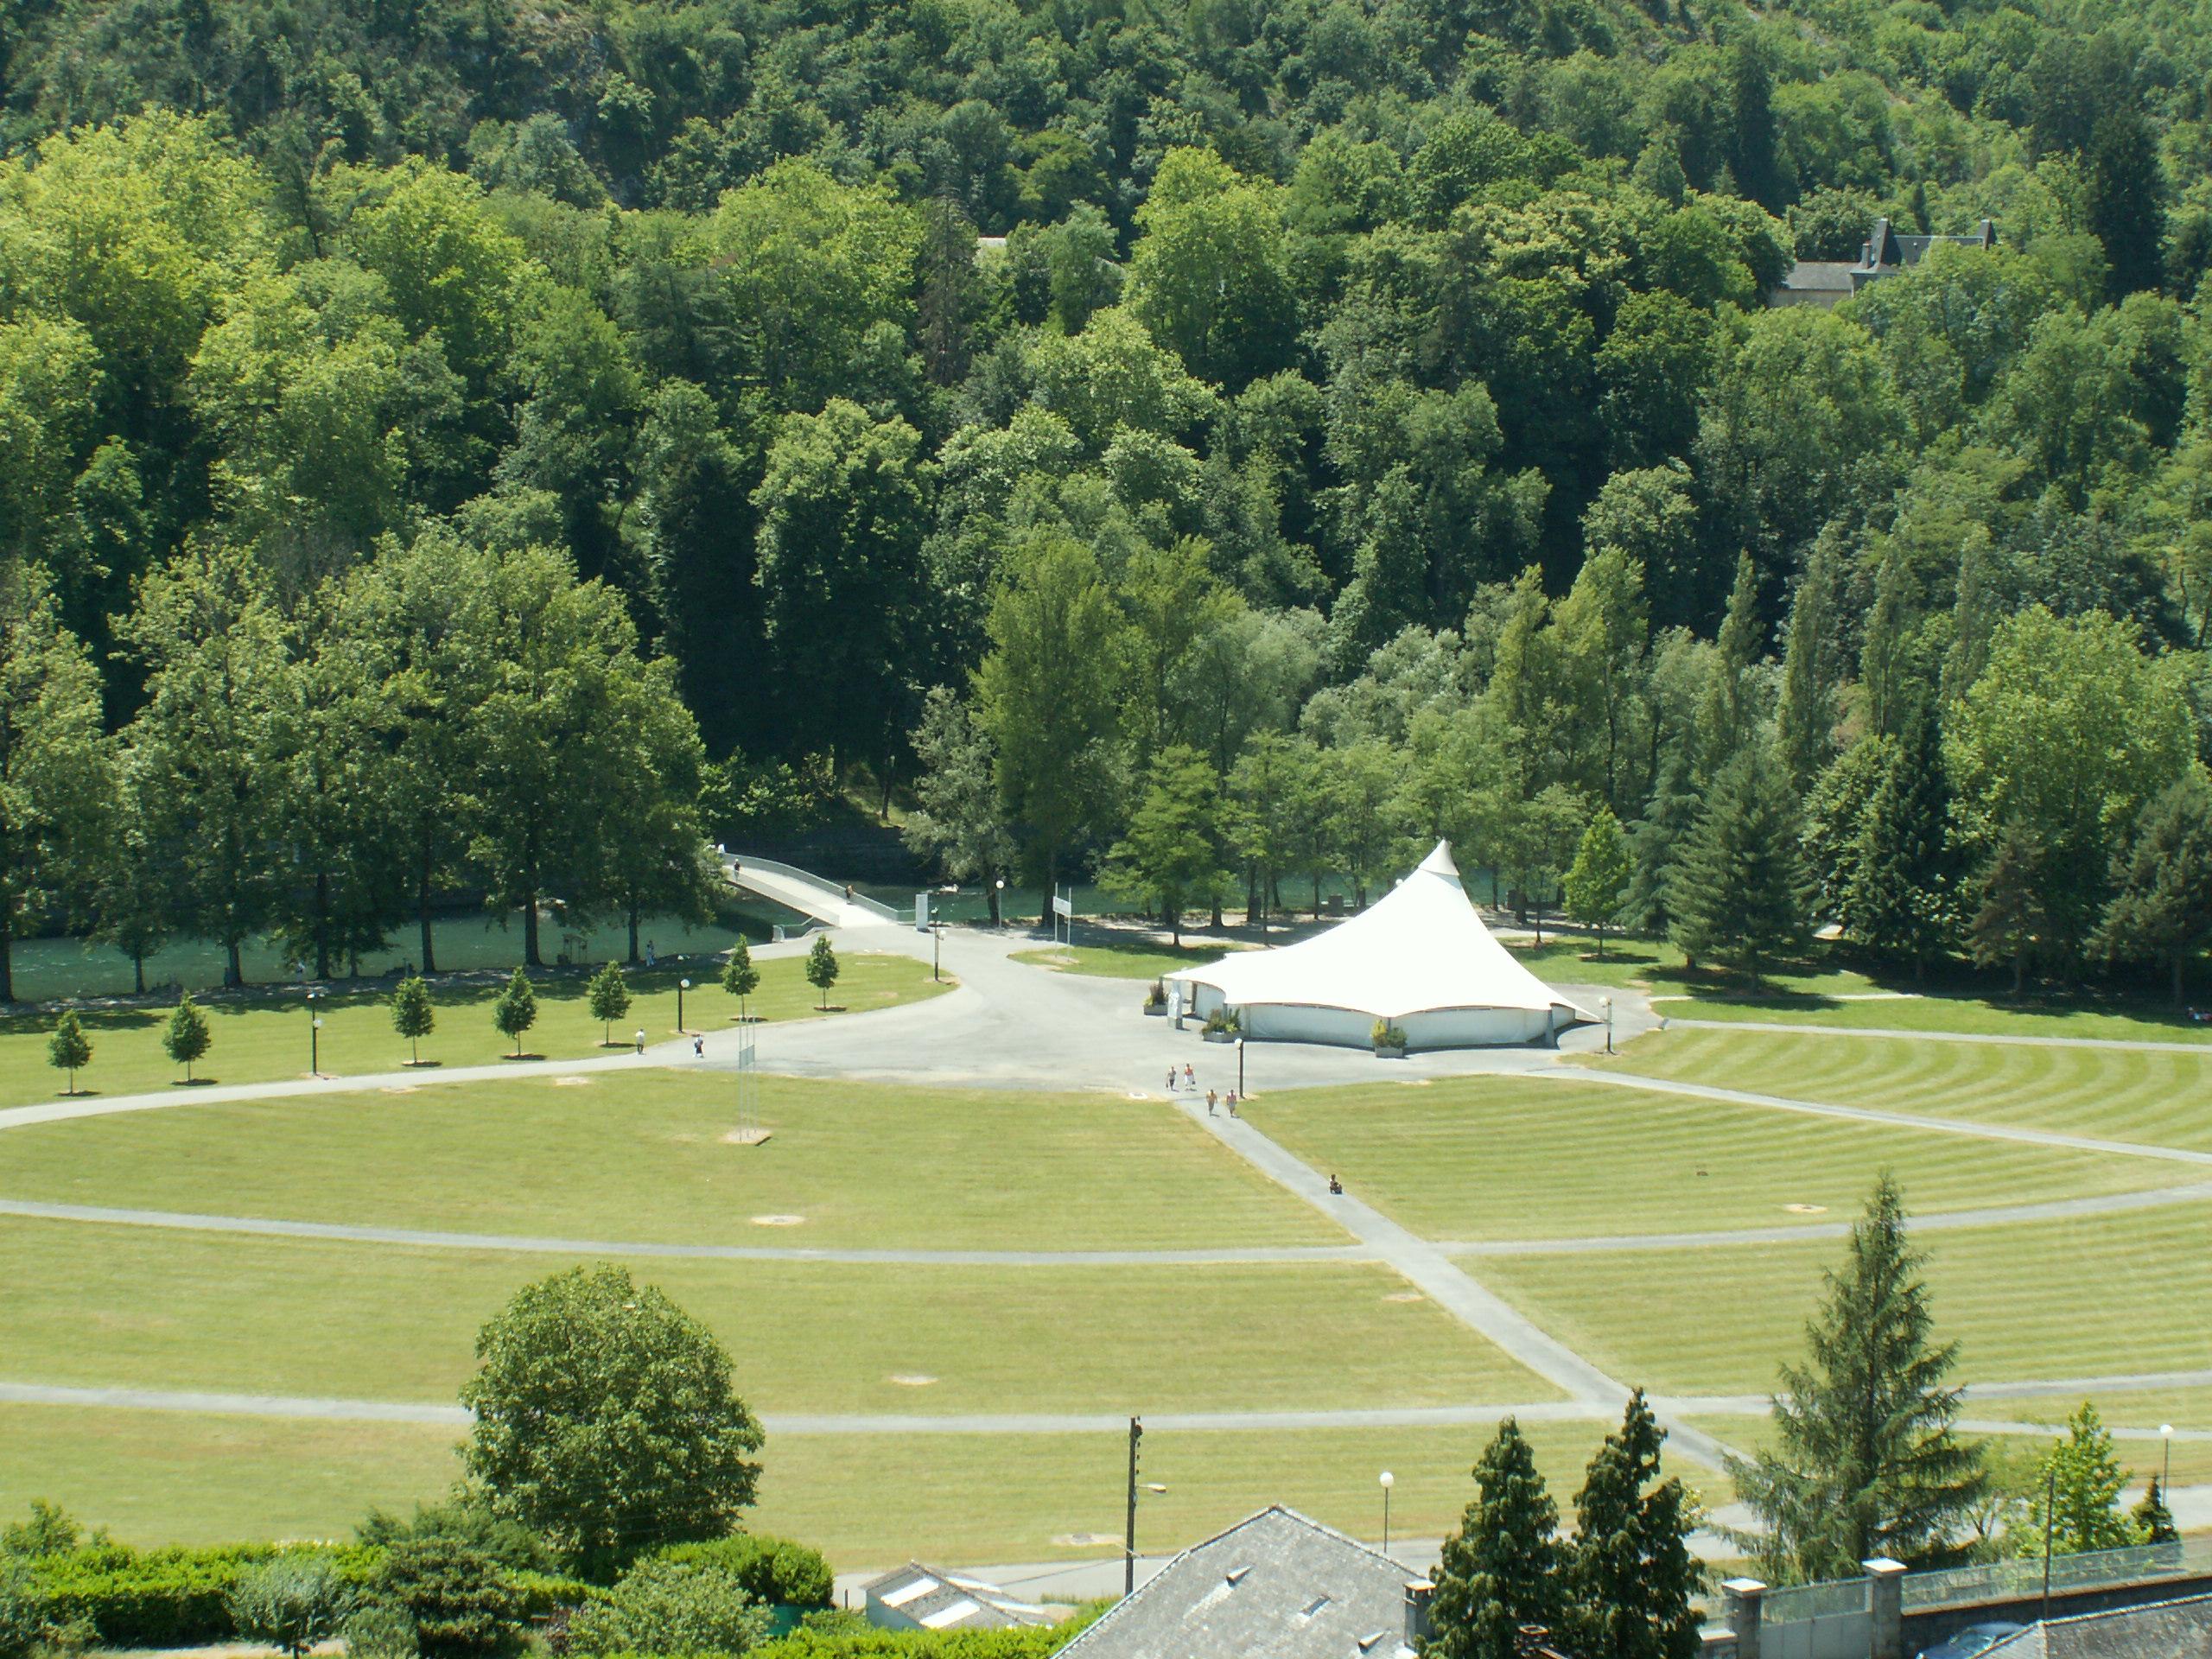 Lourdes : La tente de l'adoration